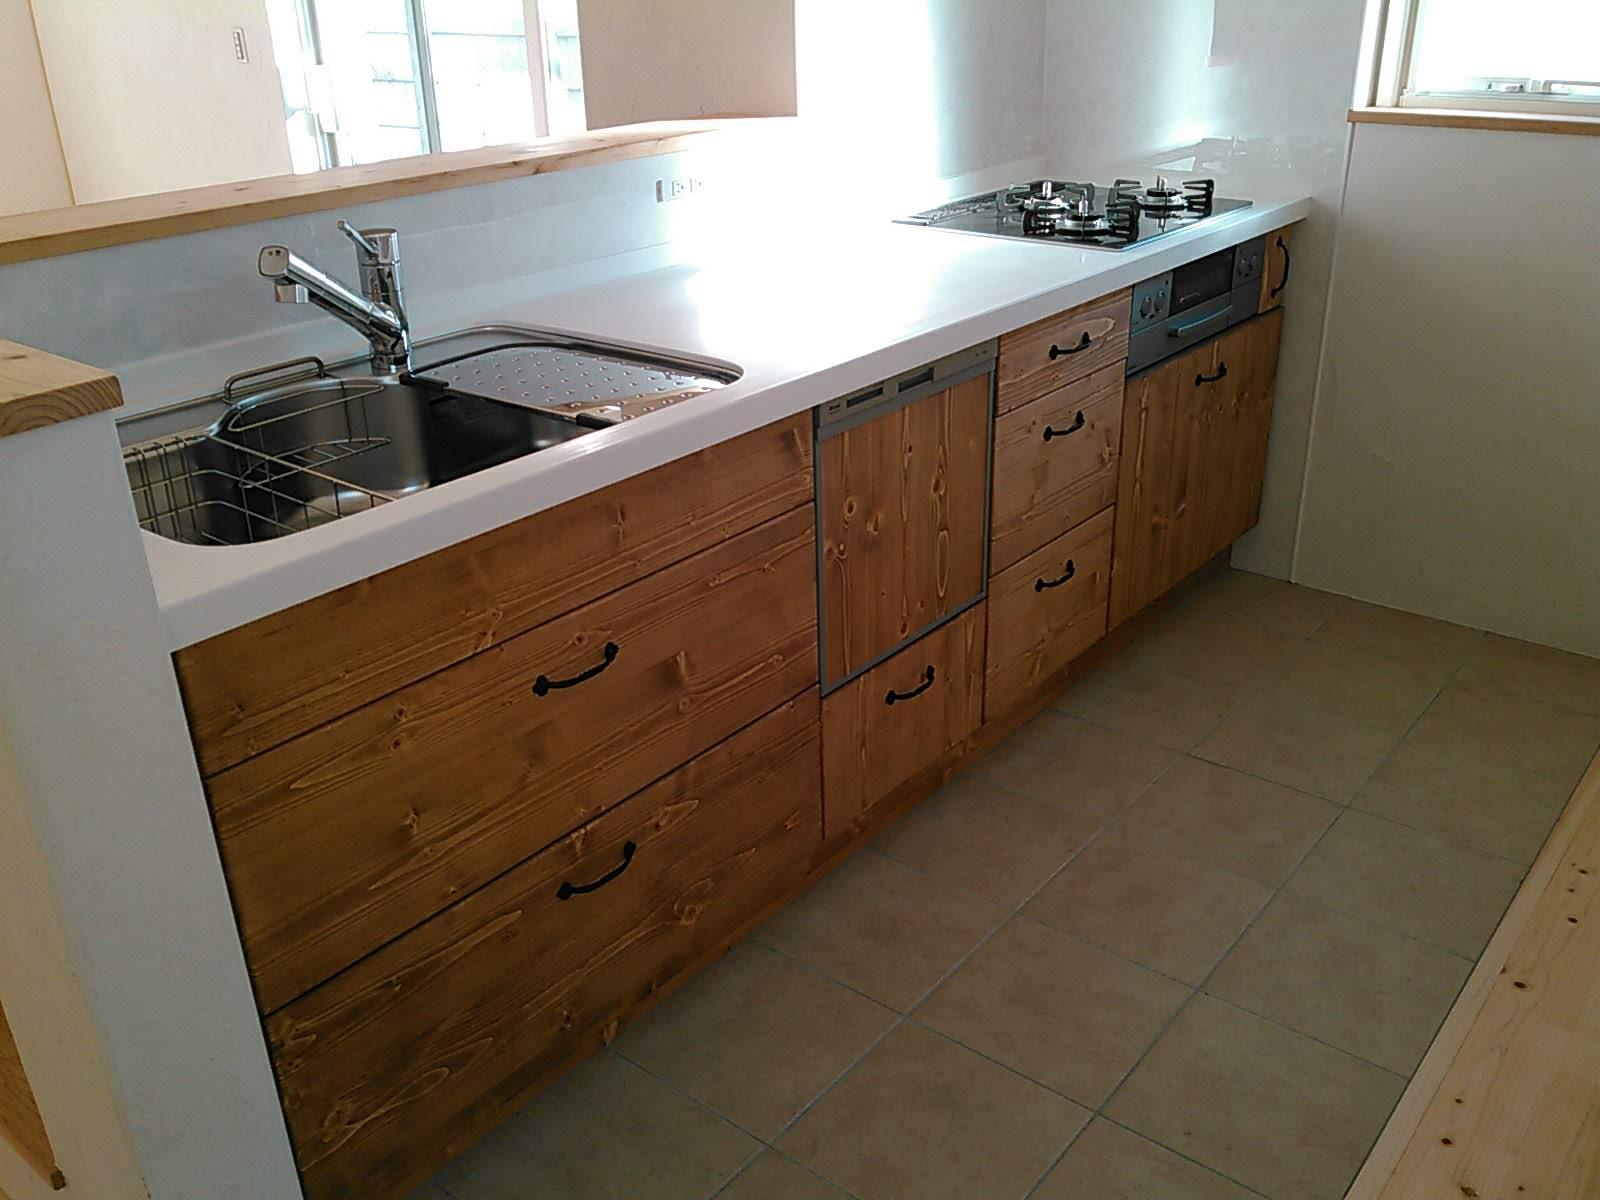 床をタイル仕上げにしたキッチン